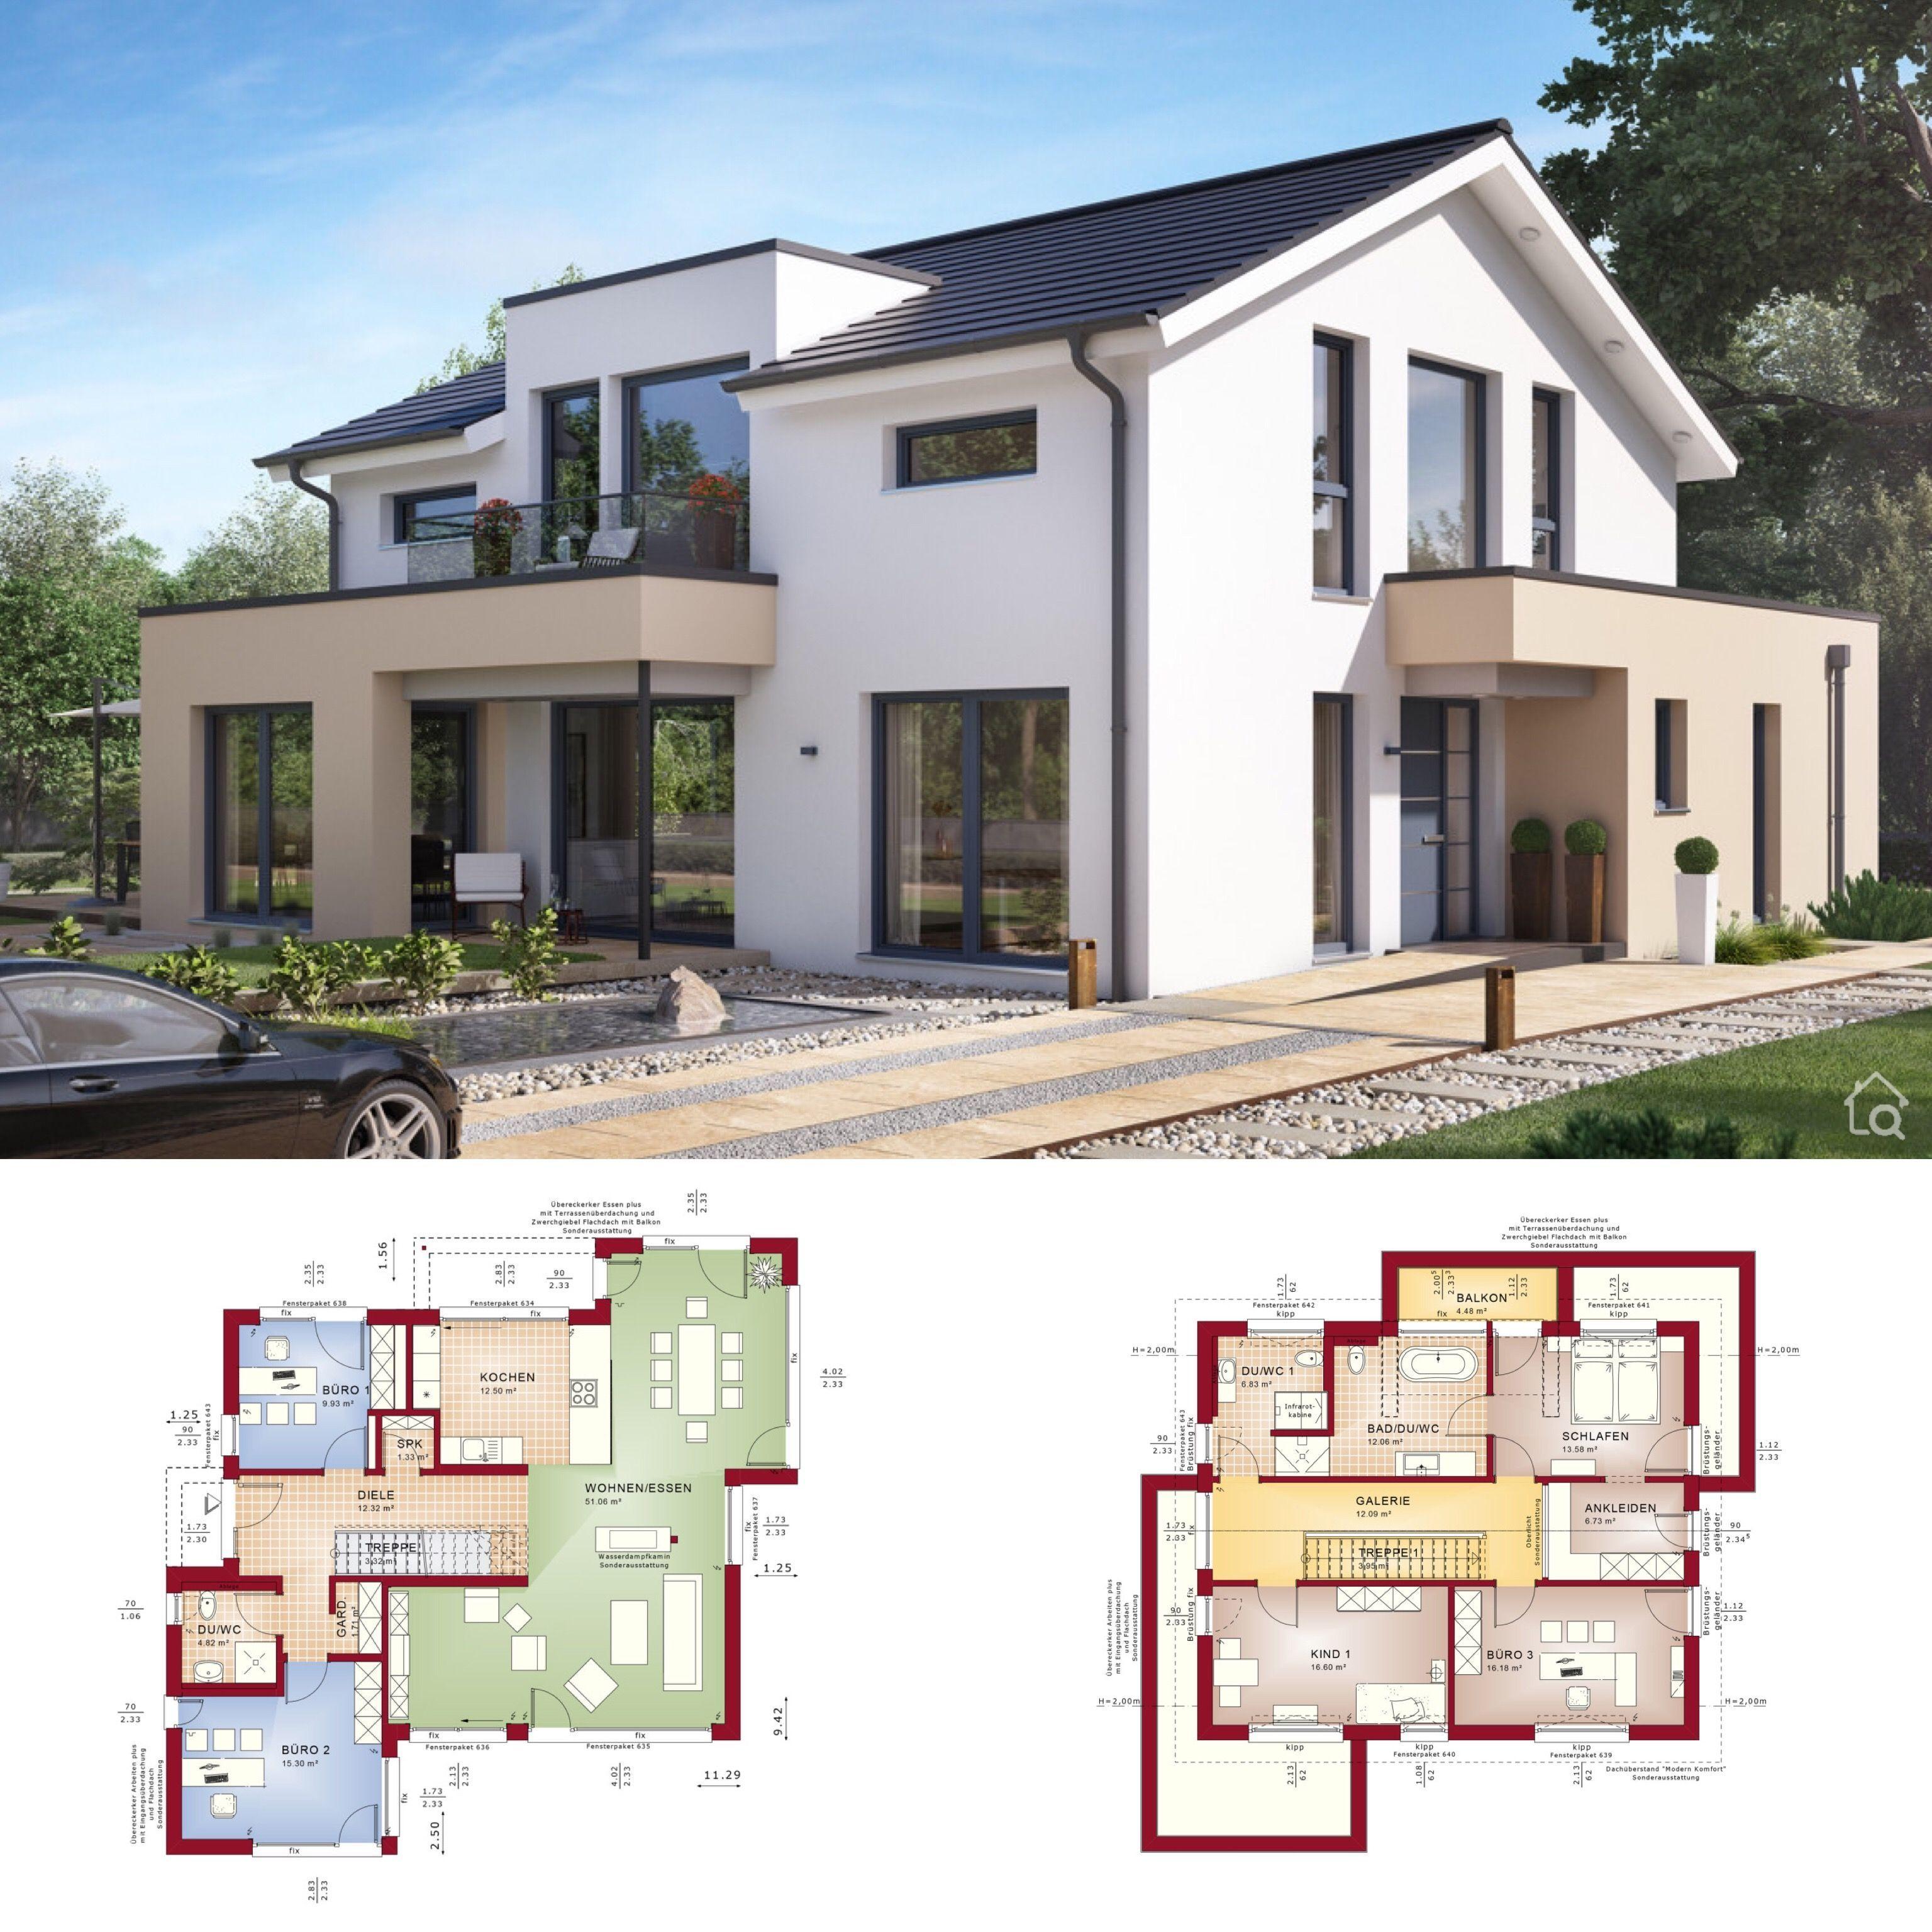 Fertighaus modern mit Satteldach bauen offener Haus